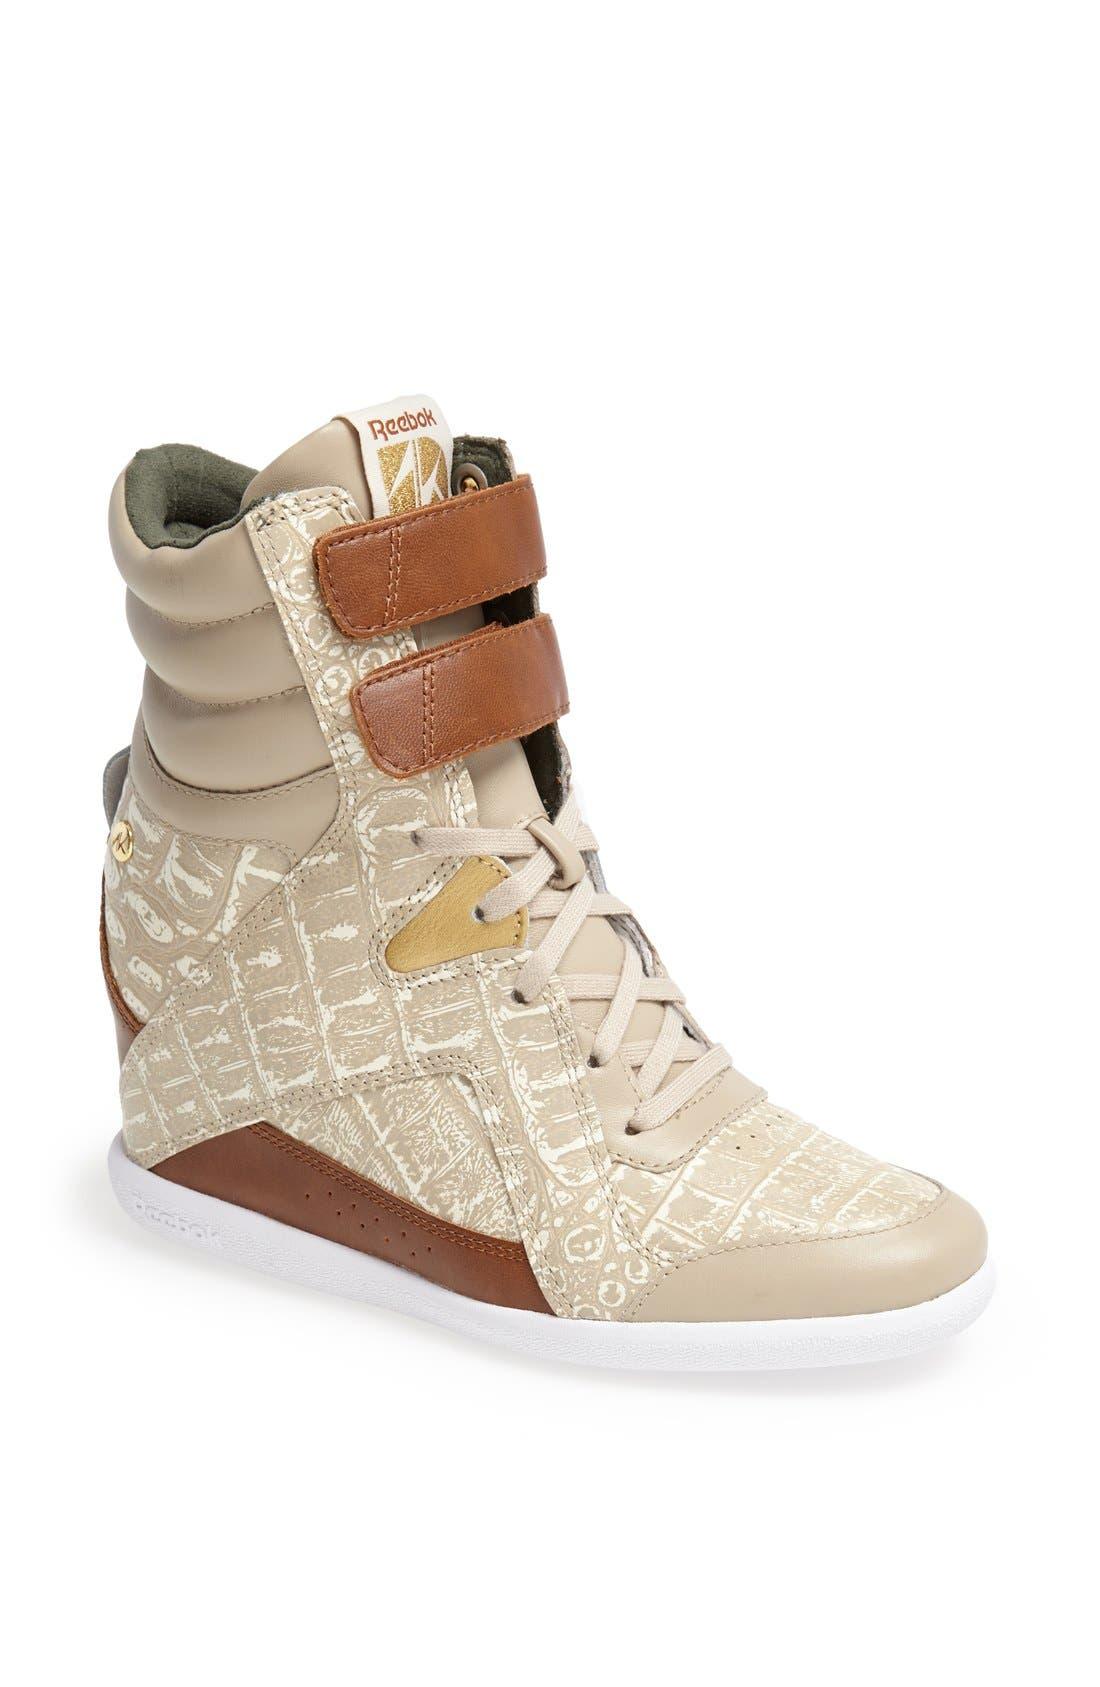 Alternate Image 1 Selected - Reebok Wedge Sneaker